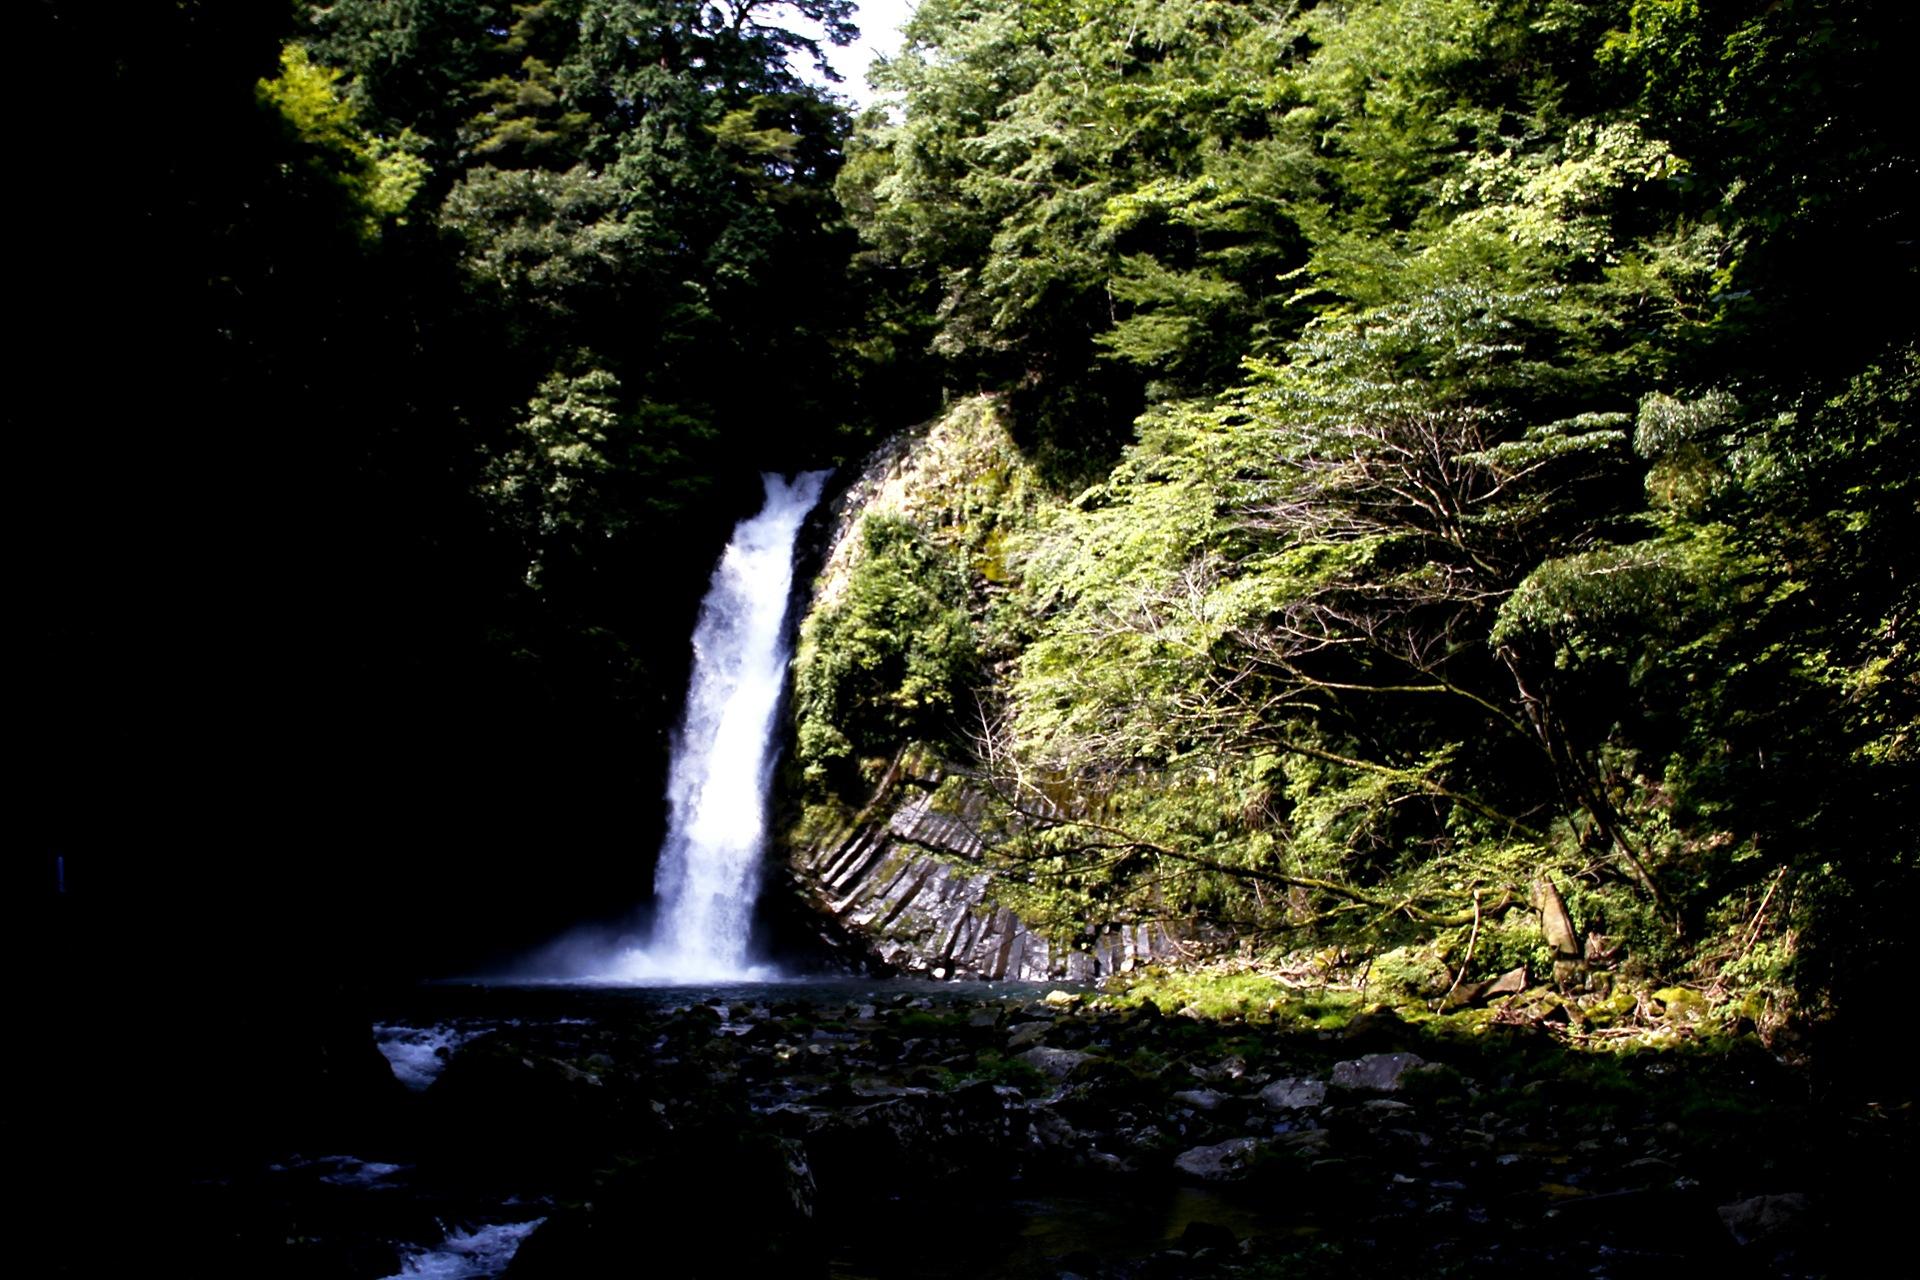 休日記[10] – 1.浄蓮の滝